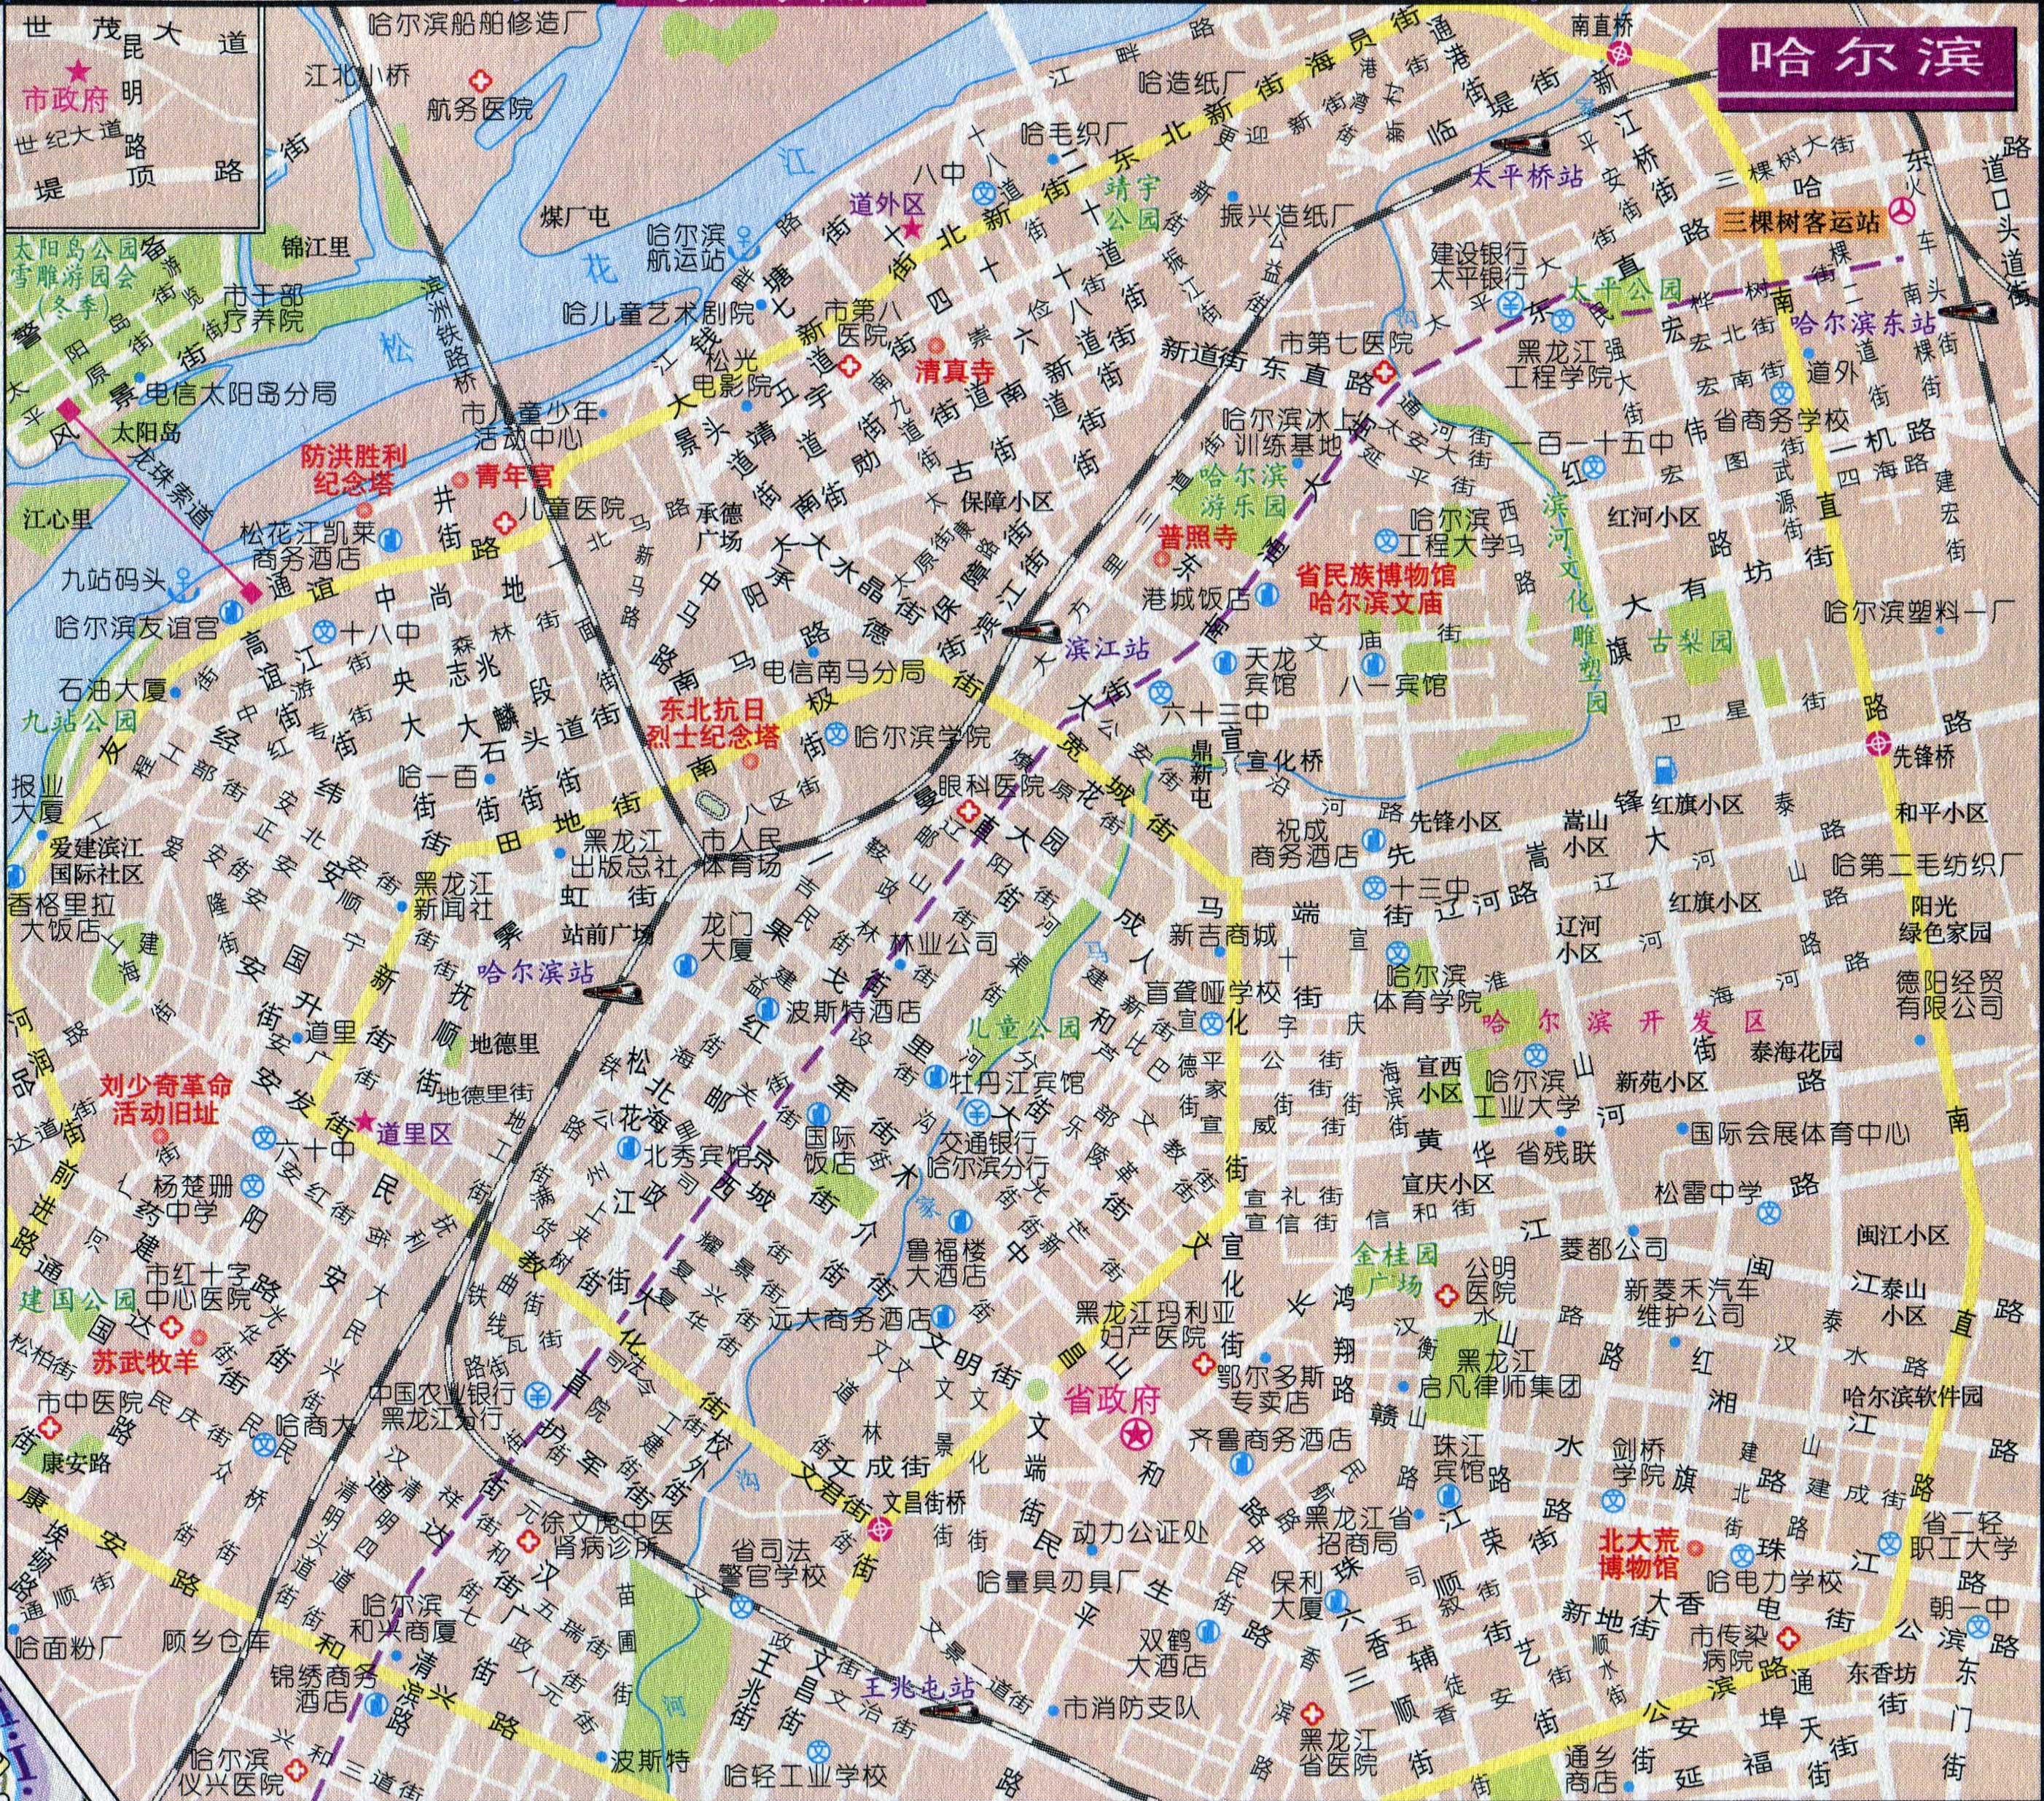 哈尔滨市区中心街道地图